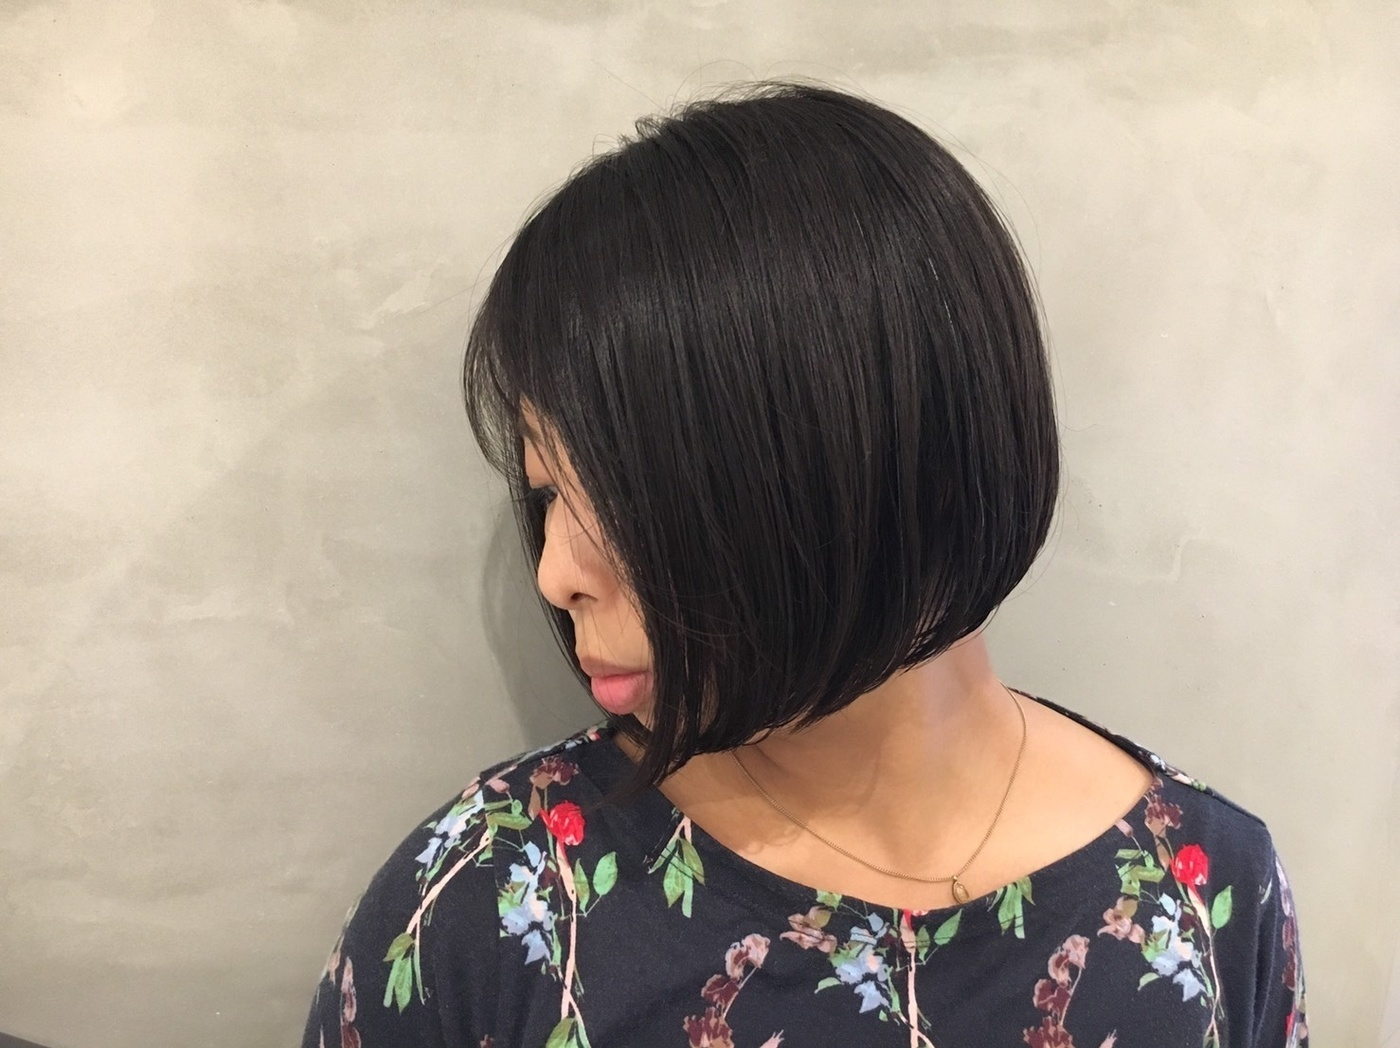 ワンンレンボブ×スライドカット✂  定番のワンレンのボブにスライドカットで毛束感のある軽さを演出しています💓  もちろん長さはお客様の希望×似合う長さで(^o^) #PEEK-A-BOO#NEWoMan#ピークアブー#ニュウマン#新宿#美容室#髪型#ヘアスタイル#ヘア#ワンレングス#ワンレン#切りっぱなしボブ#ボブ#ワンレンボブ#黒髪#阿藤俊也#似合わせ#似合わせカット#イメチェン #ボブ #黒髪